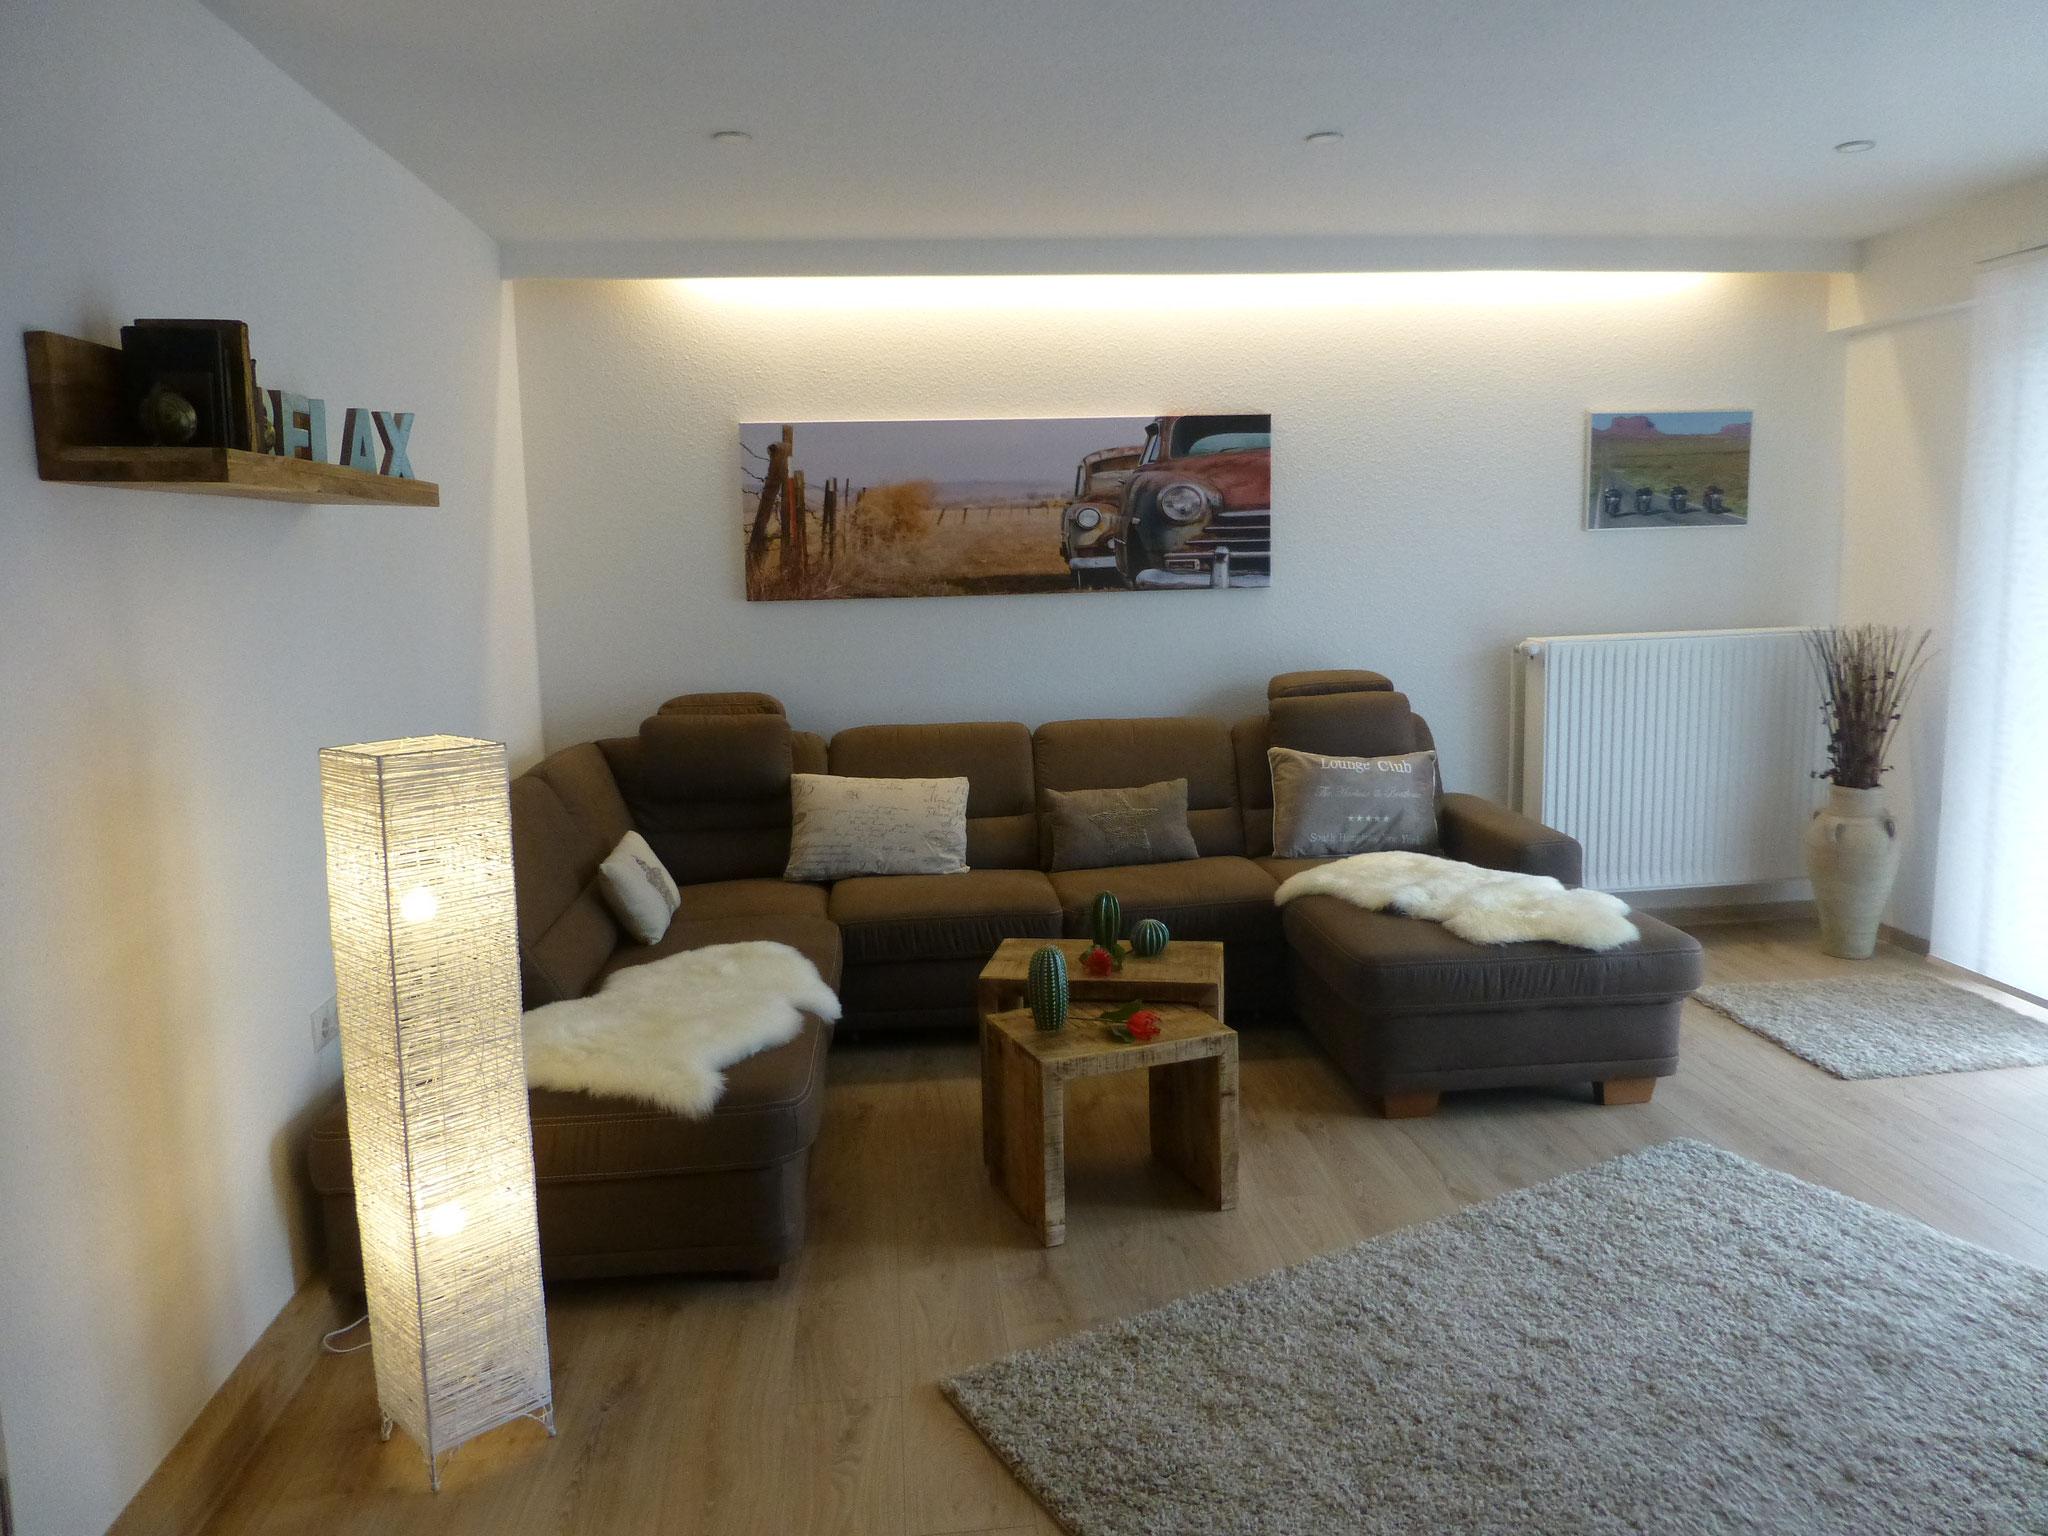 Wohnzimmer im Fuchsbau 1